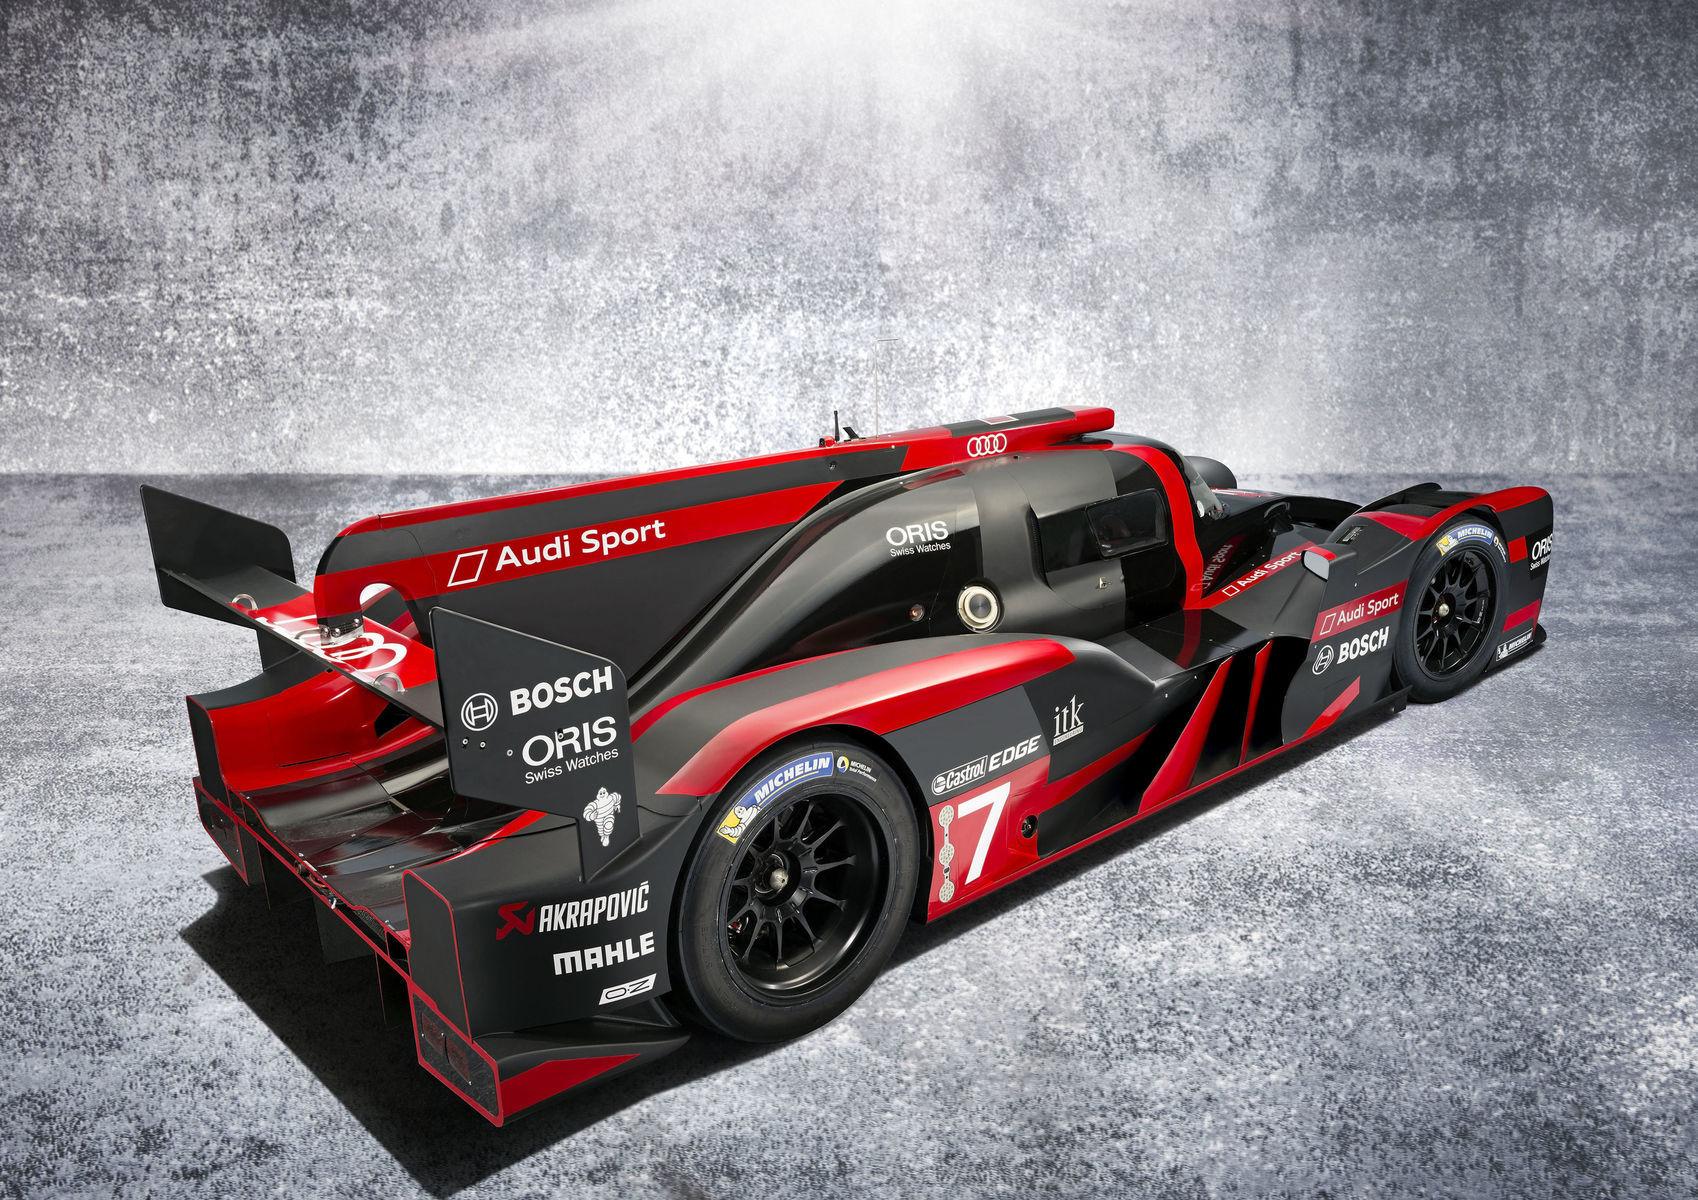 2016 Audi  | 2016 Audi R18 Le Mans Prototype